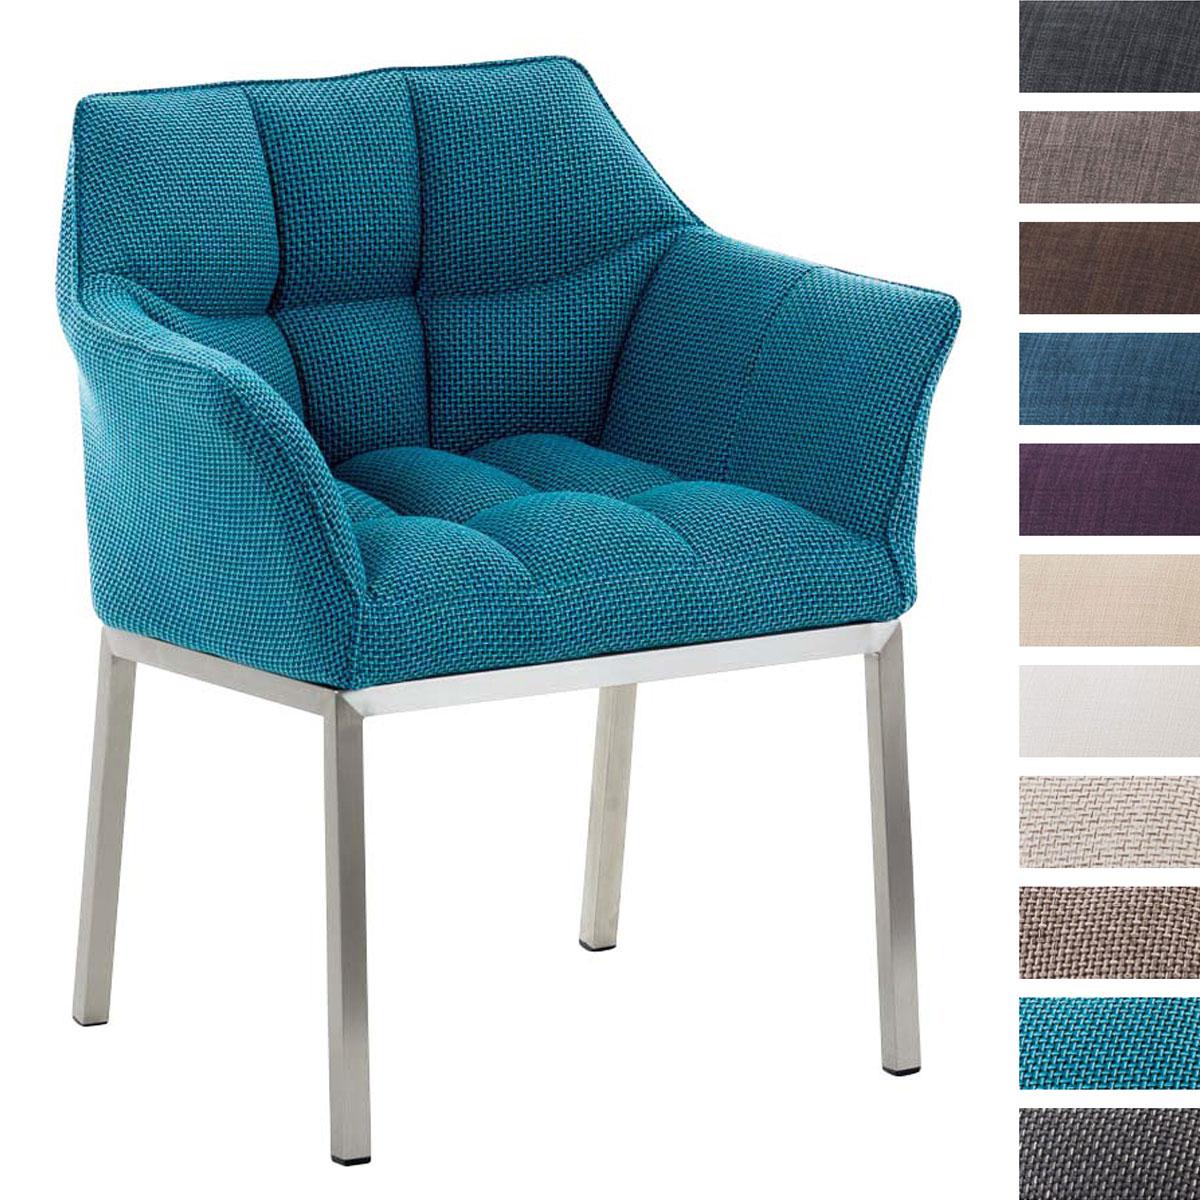 fauteuil de salle manger octavia acier chaise accoudoirs salon visiteur neuf ebay. Black Bedroom Furniture Sets. Home Design Ideas